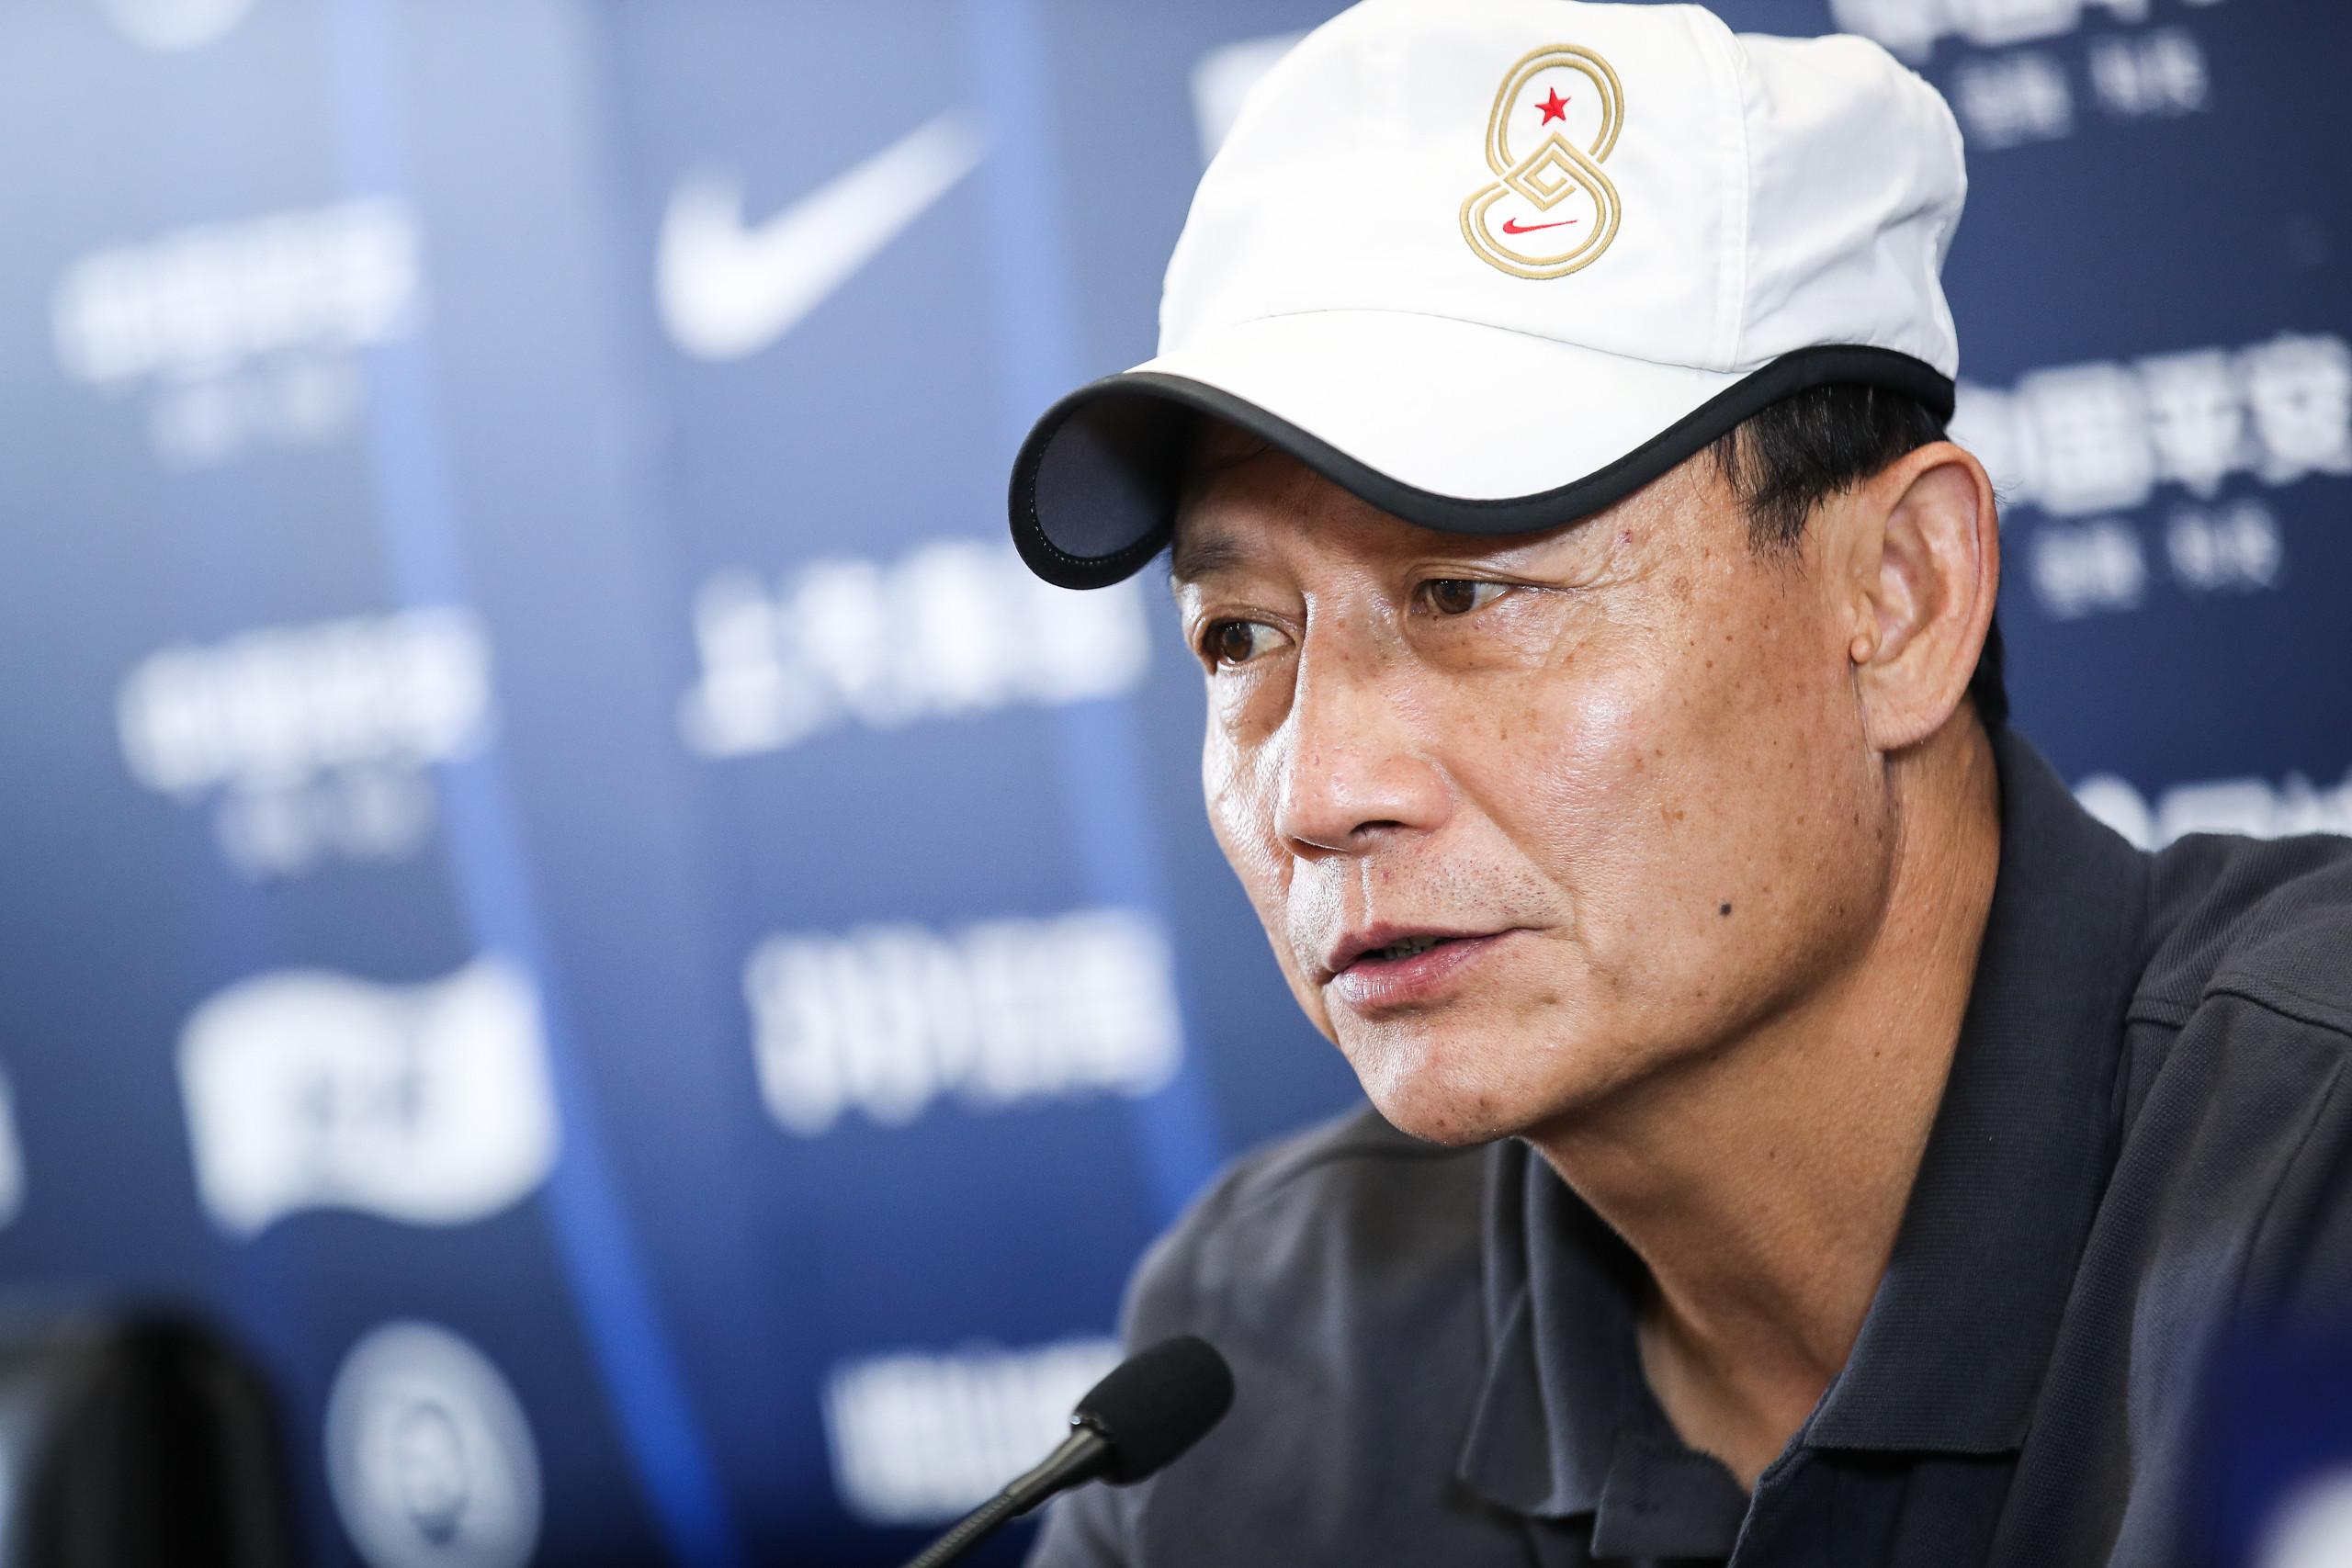 王宝山:结果很遗憾,第二阶段人员会lol比赛投注越来越齐整